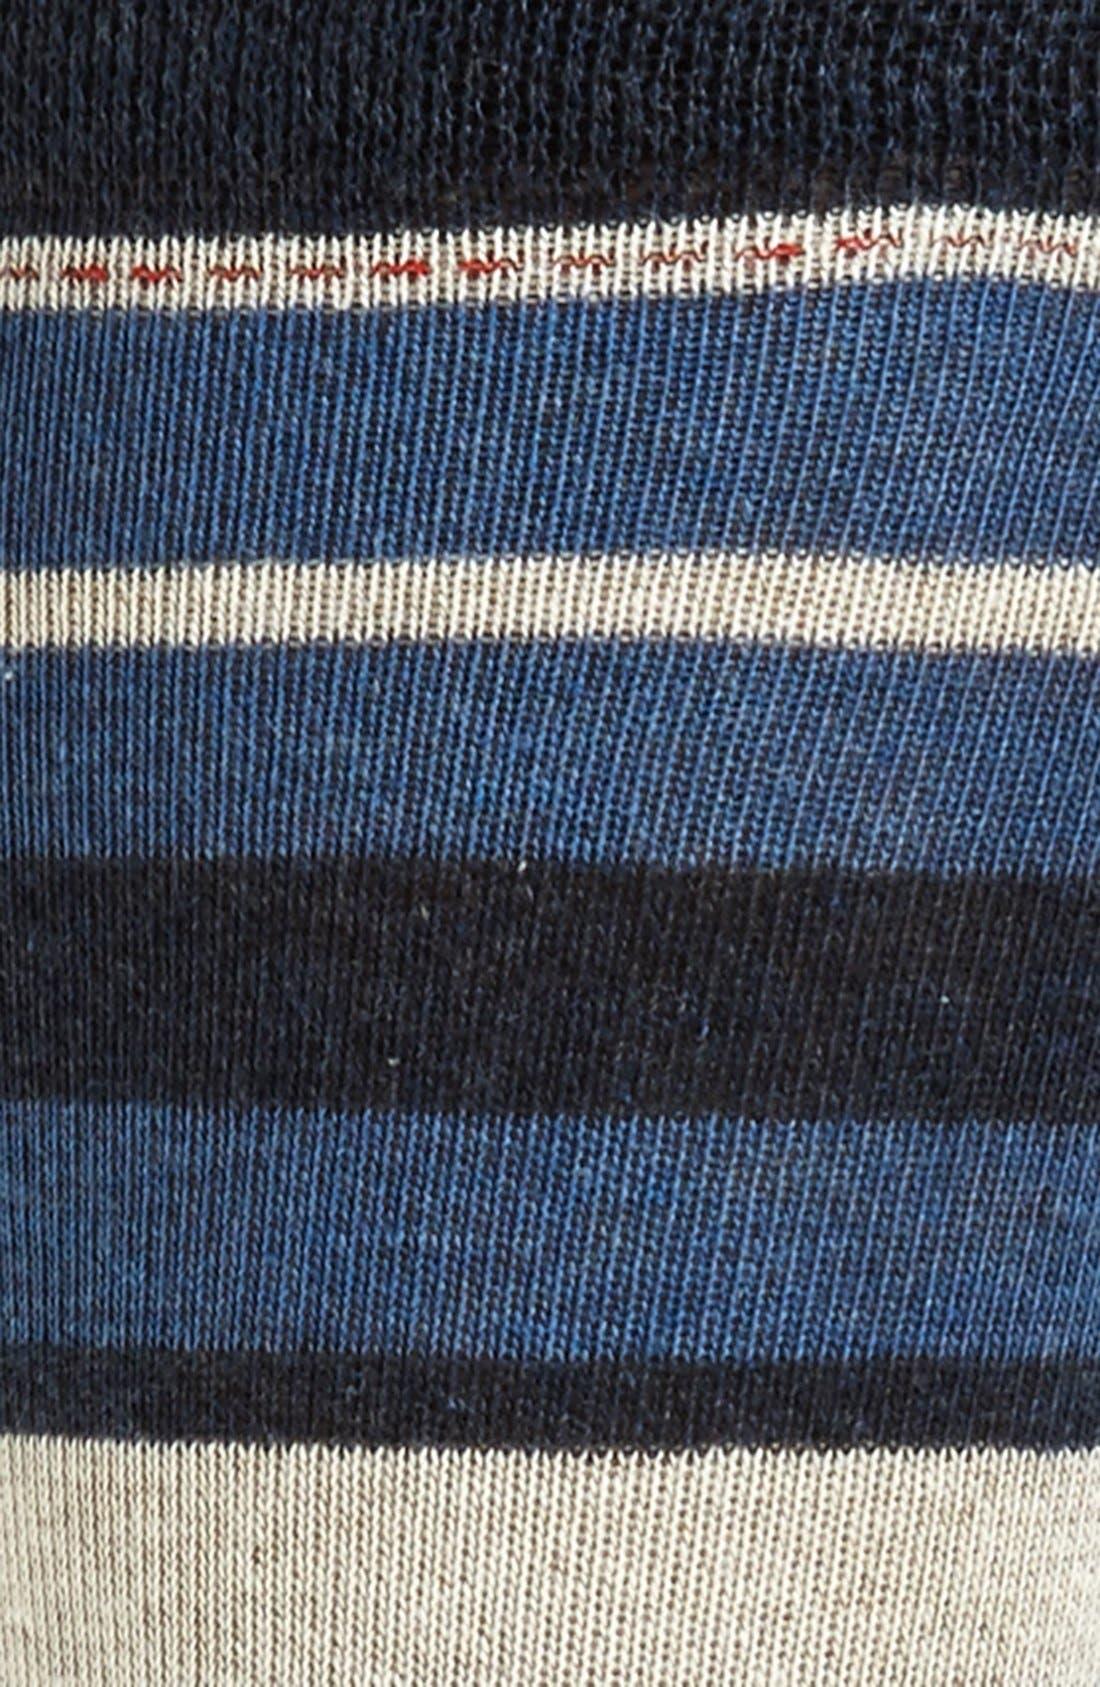 Alternate Image 2  - DIESEL® 'Ray' Socks